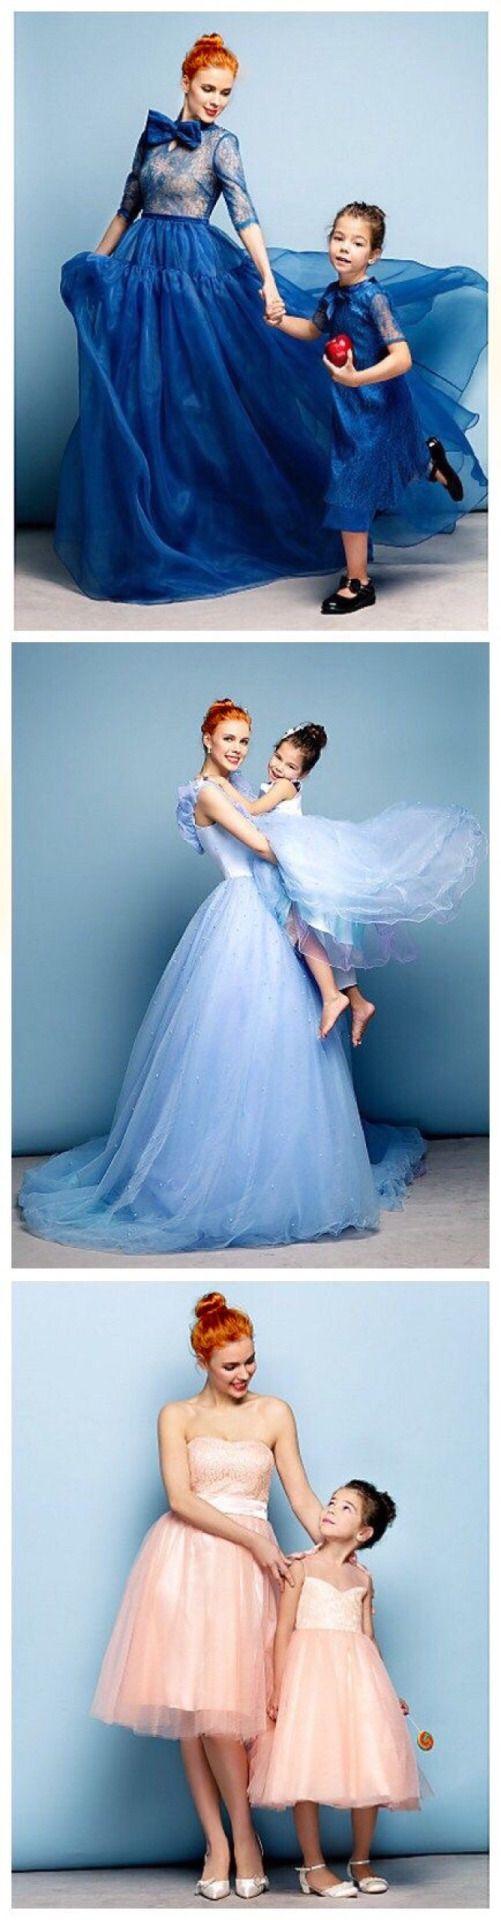 Princess Eadlyn Schreave : Photo